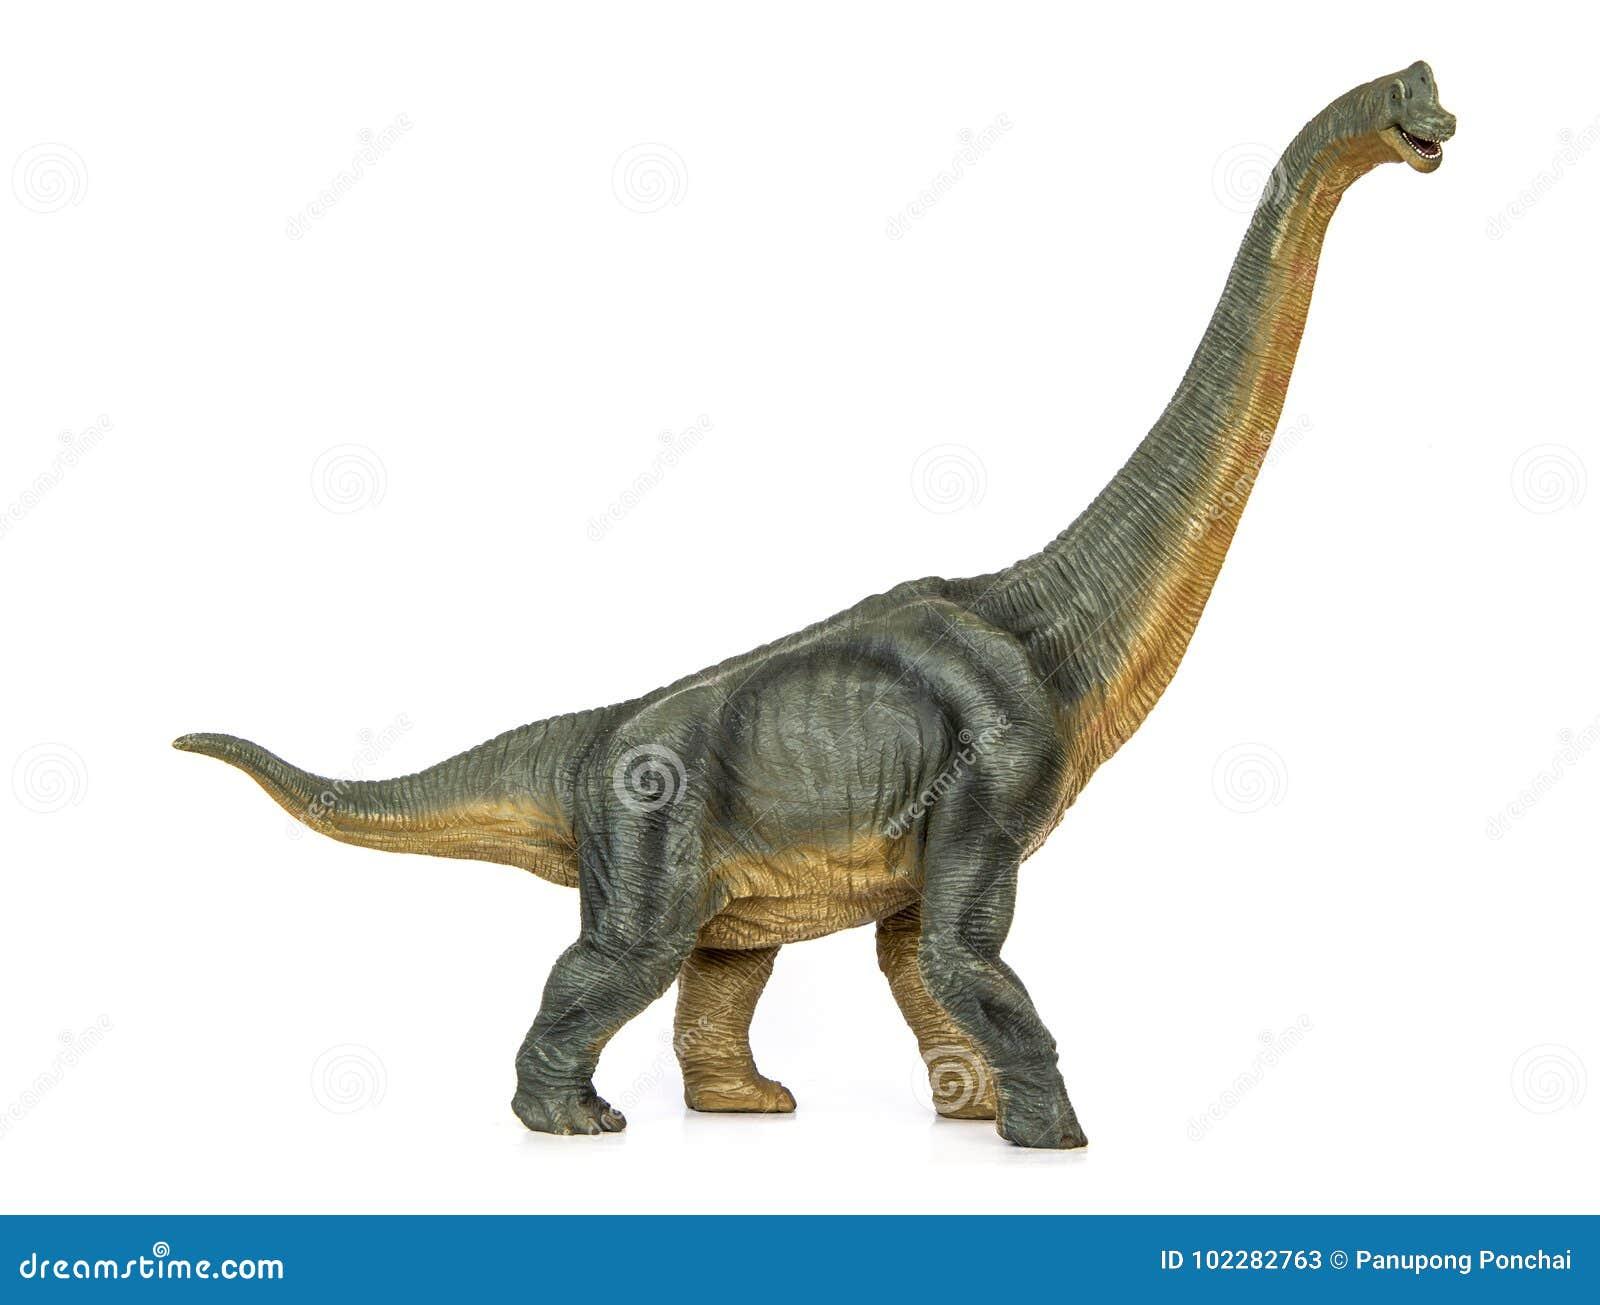 恐龙长的收缩的蜥脚类动物diermibot品种名字腕龙